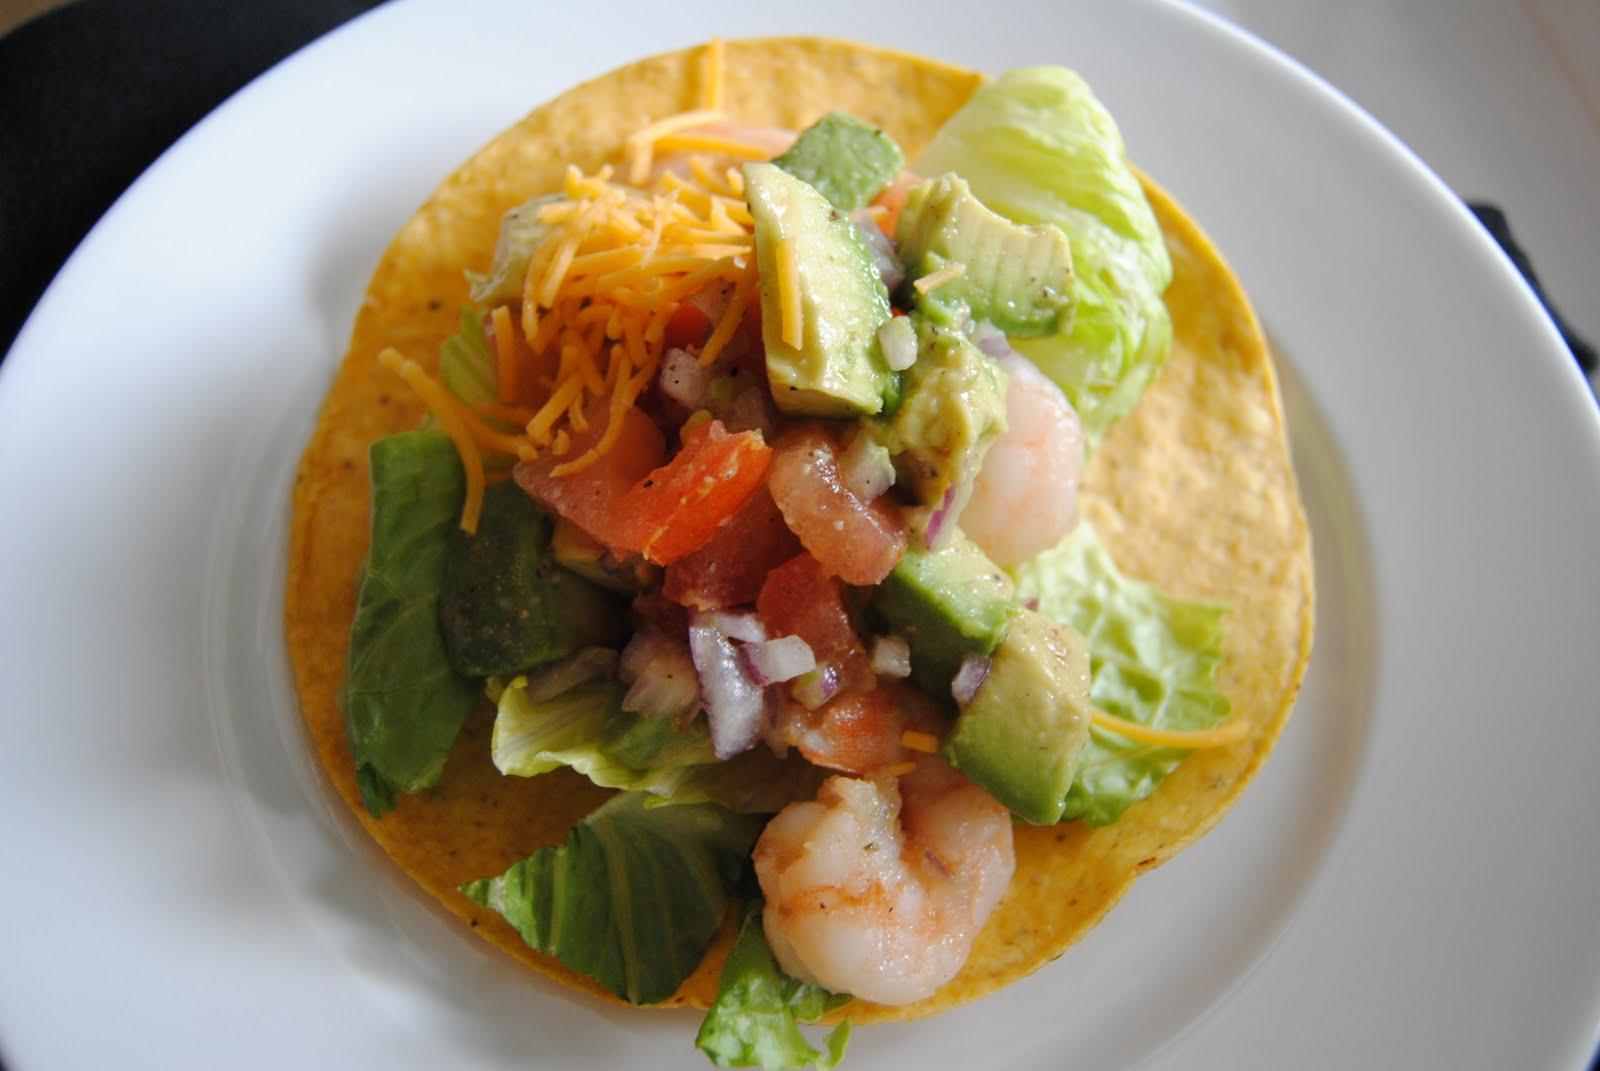 Inspirations by D: Shrimp Tostada with Avocado Salsa